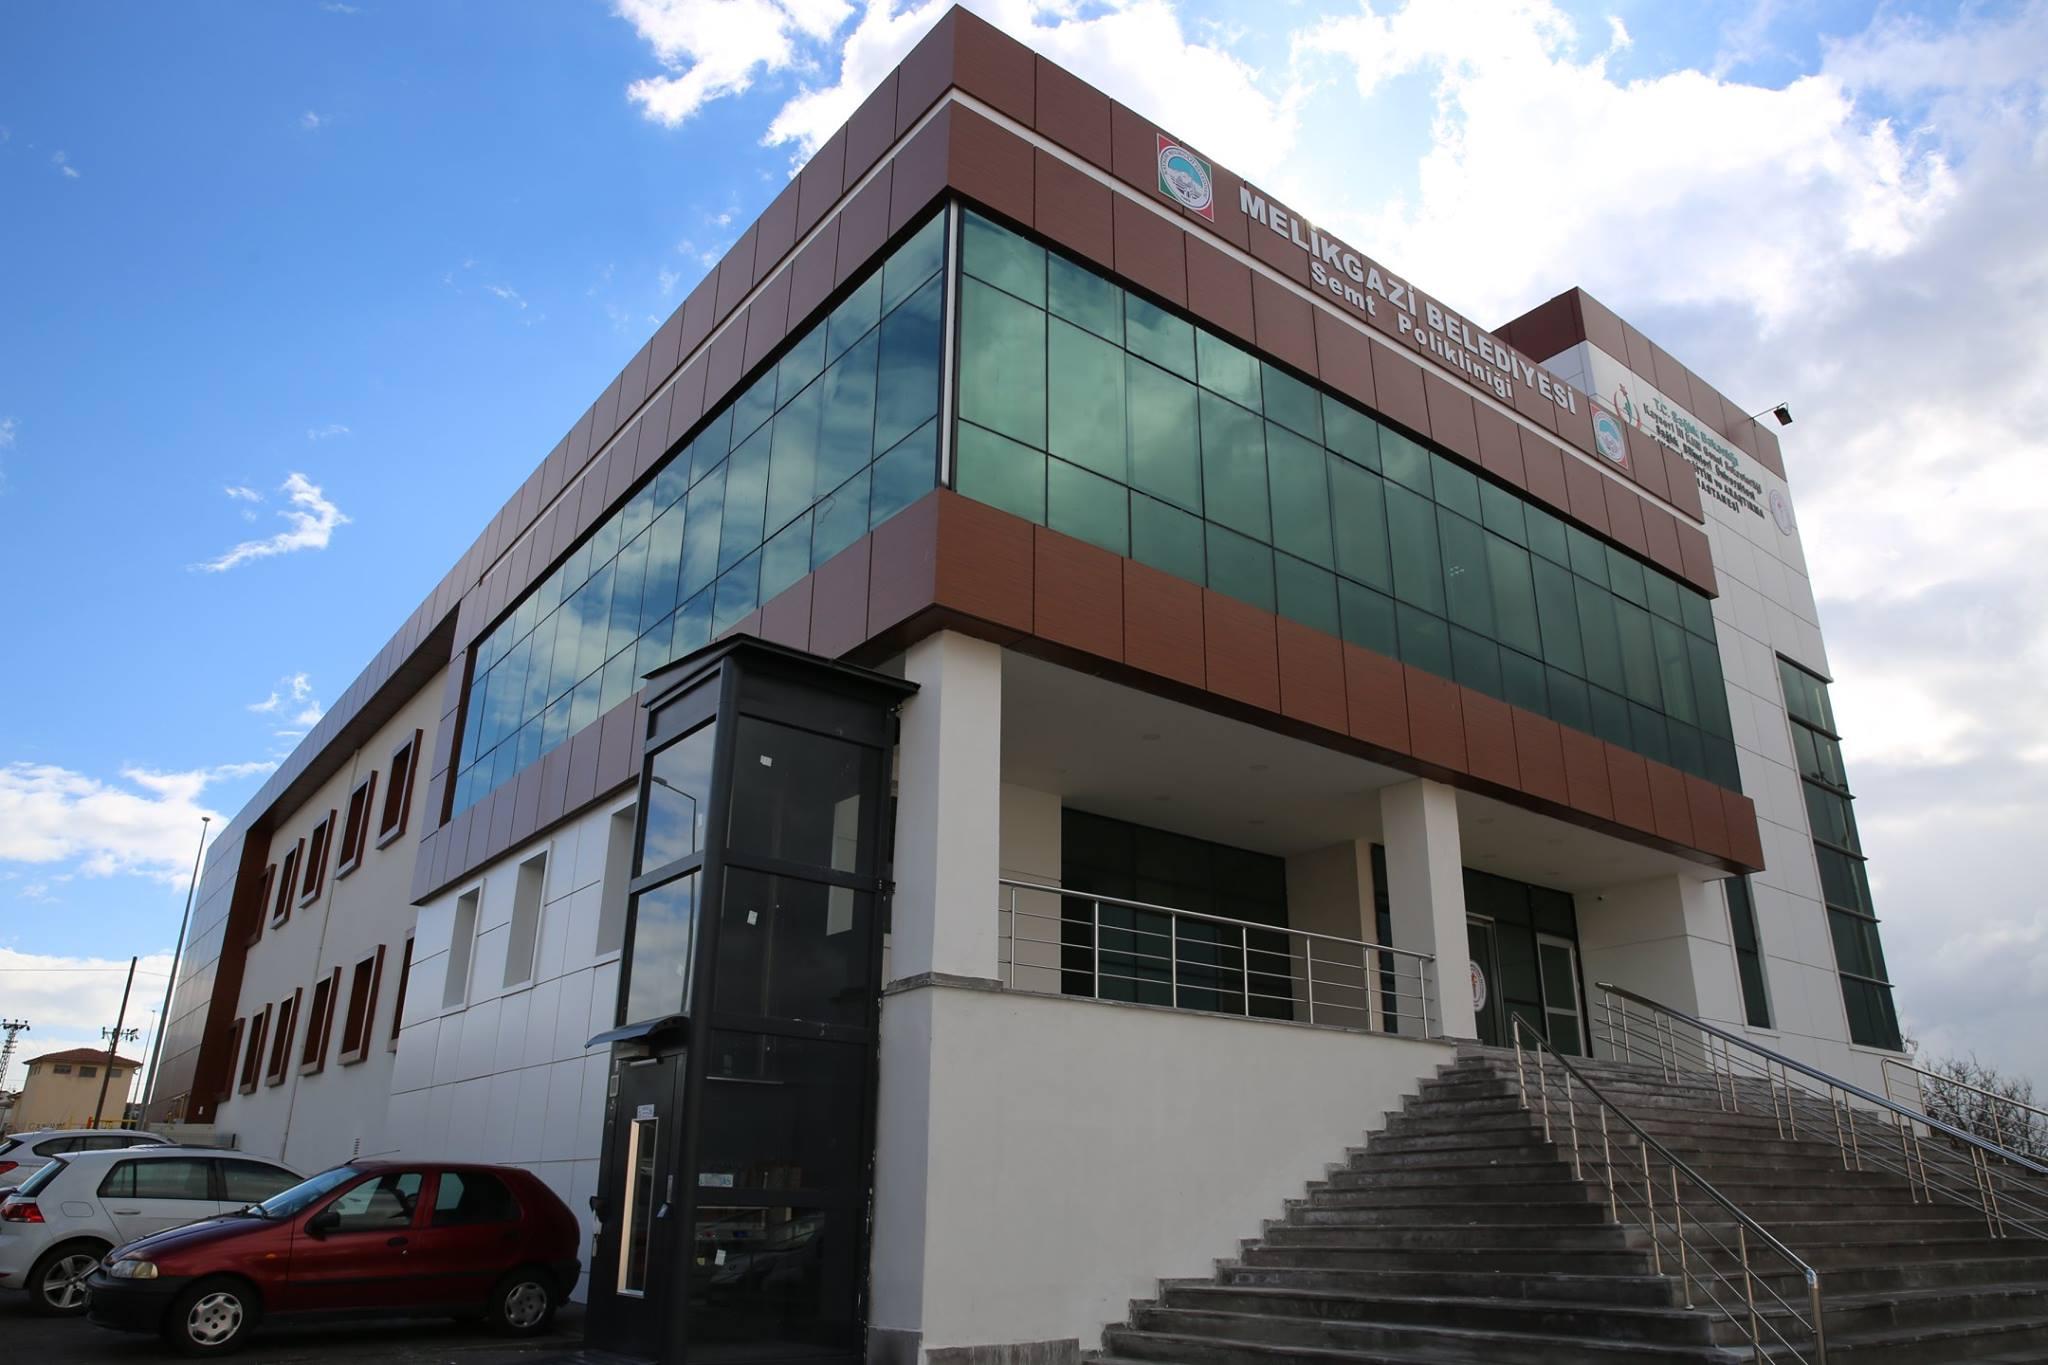 SUNGUR PLAN-KAYSERİ (Melikgazi Belediyesi Semt Polikliniği)